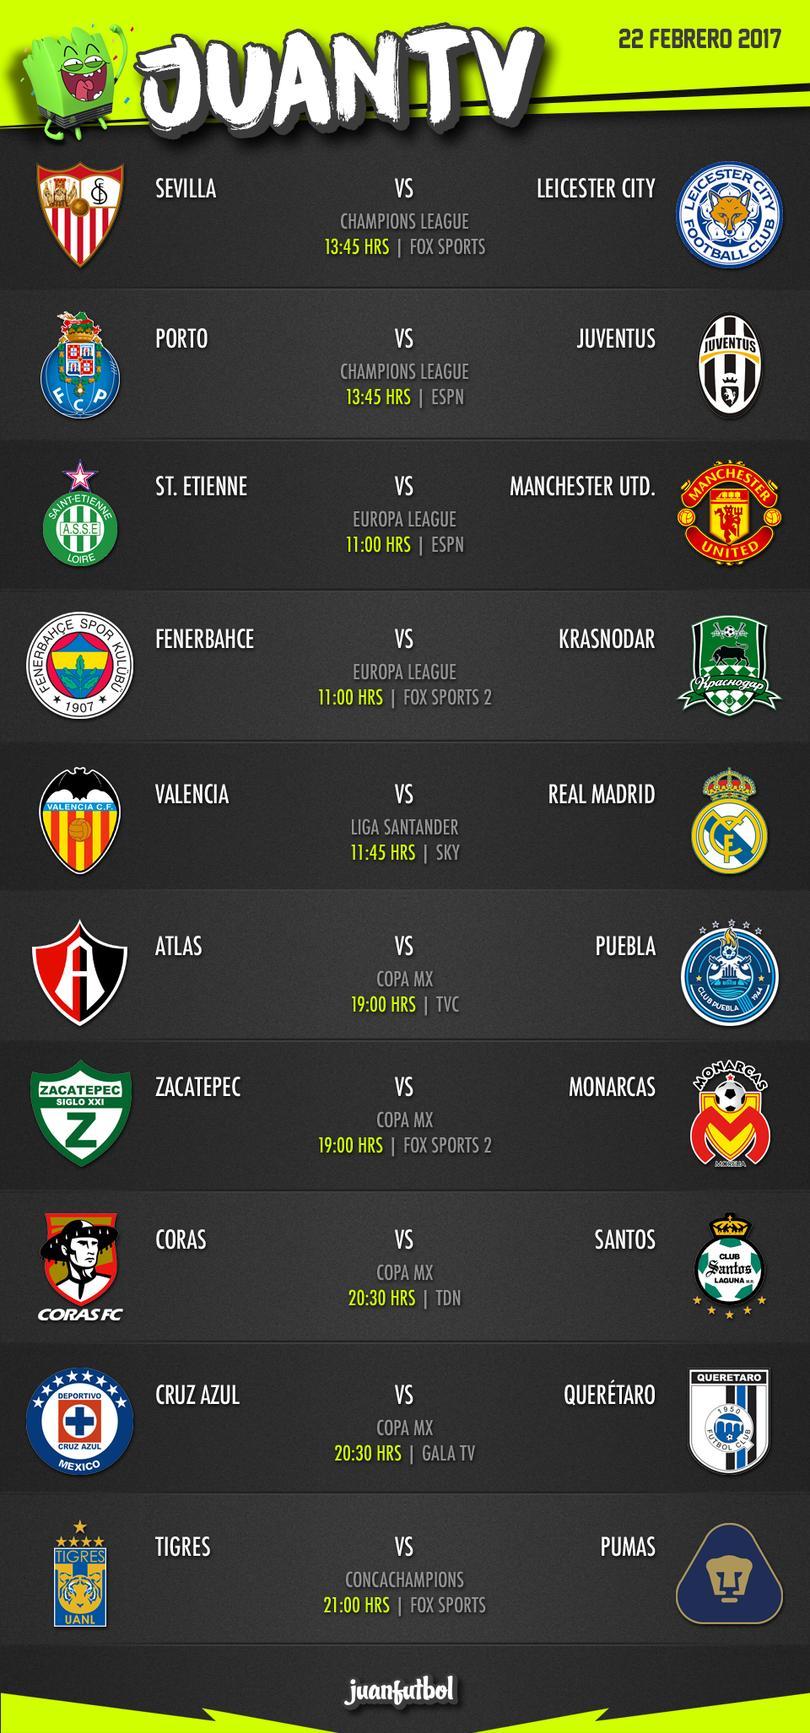 Los mejores partidos del 22 de febrero del 2017.